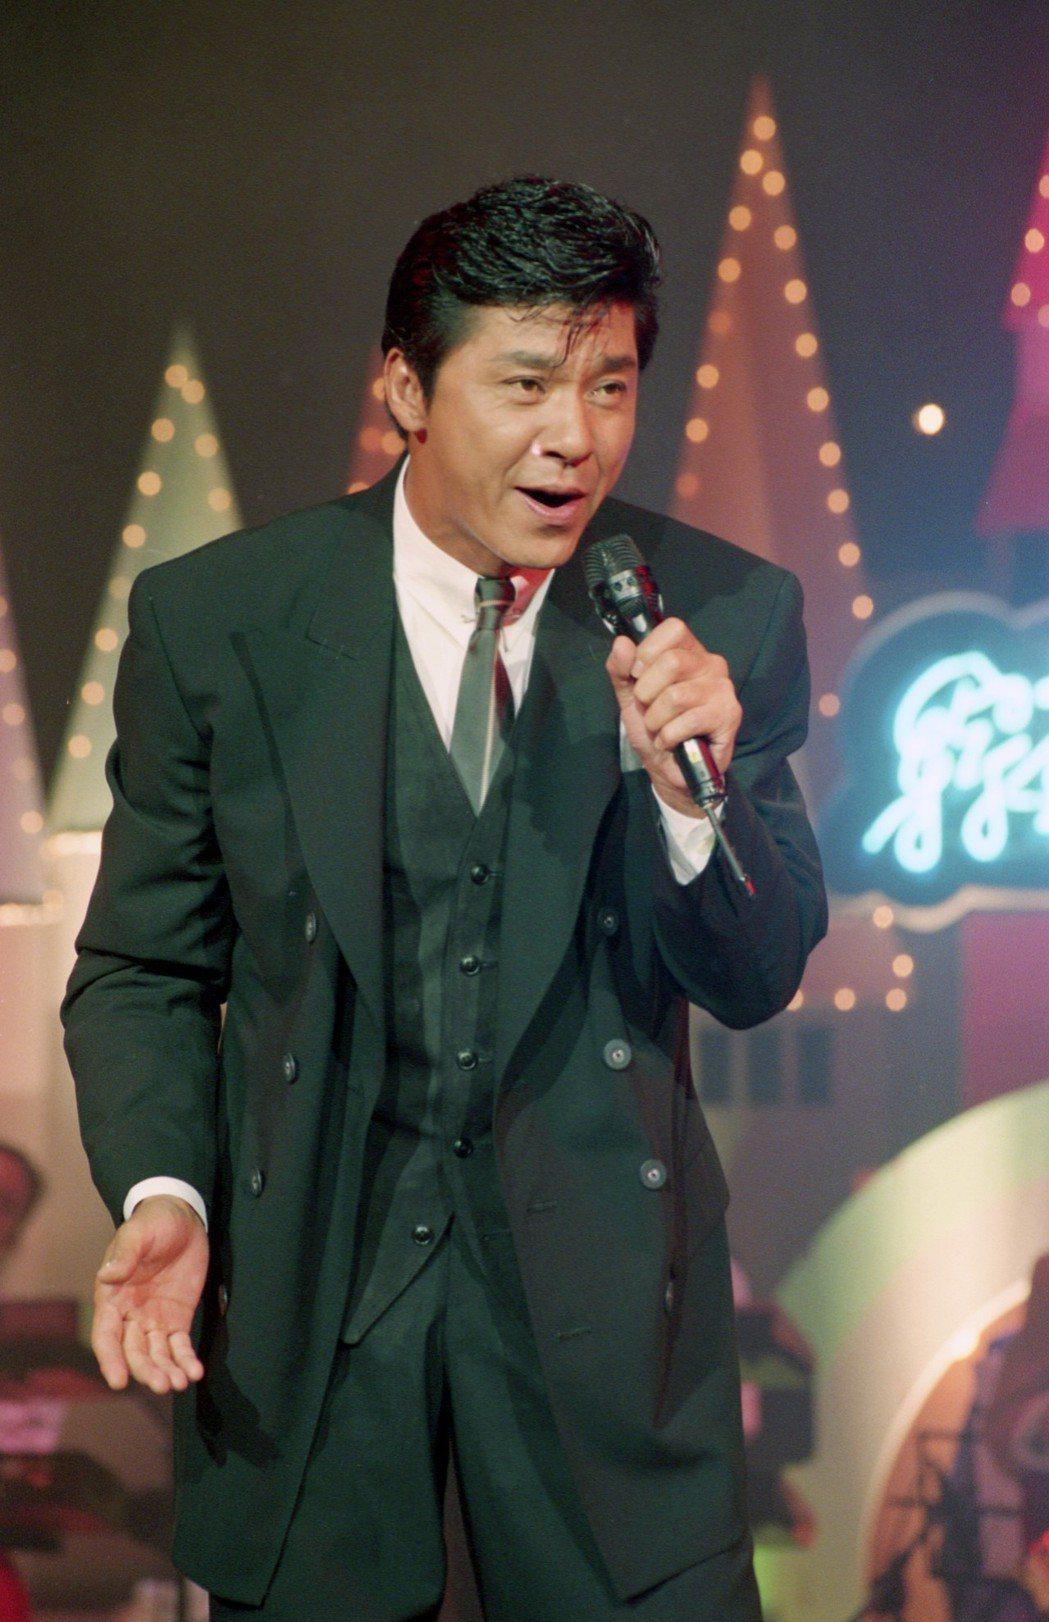 1994年西城秀樹來台參加綜藝節目錄影。 圖/聯合報系資料照